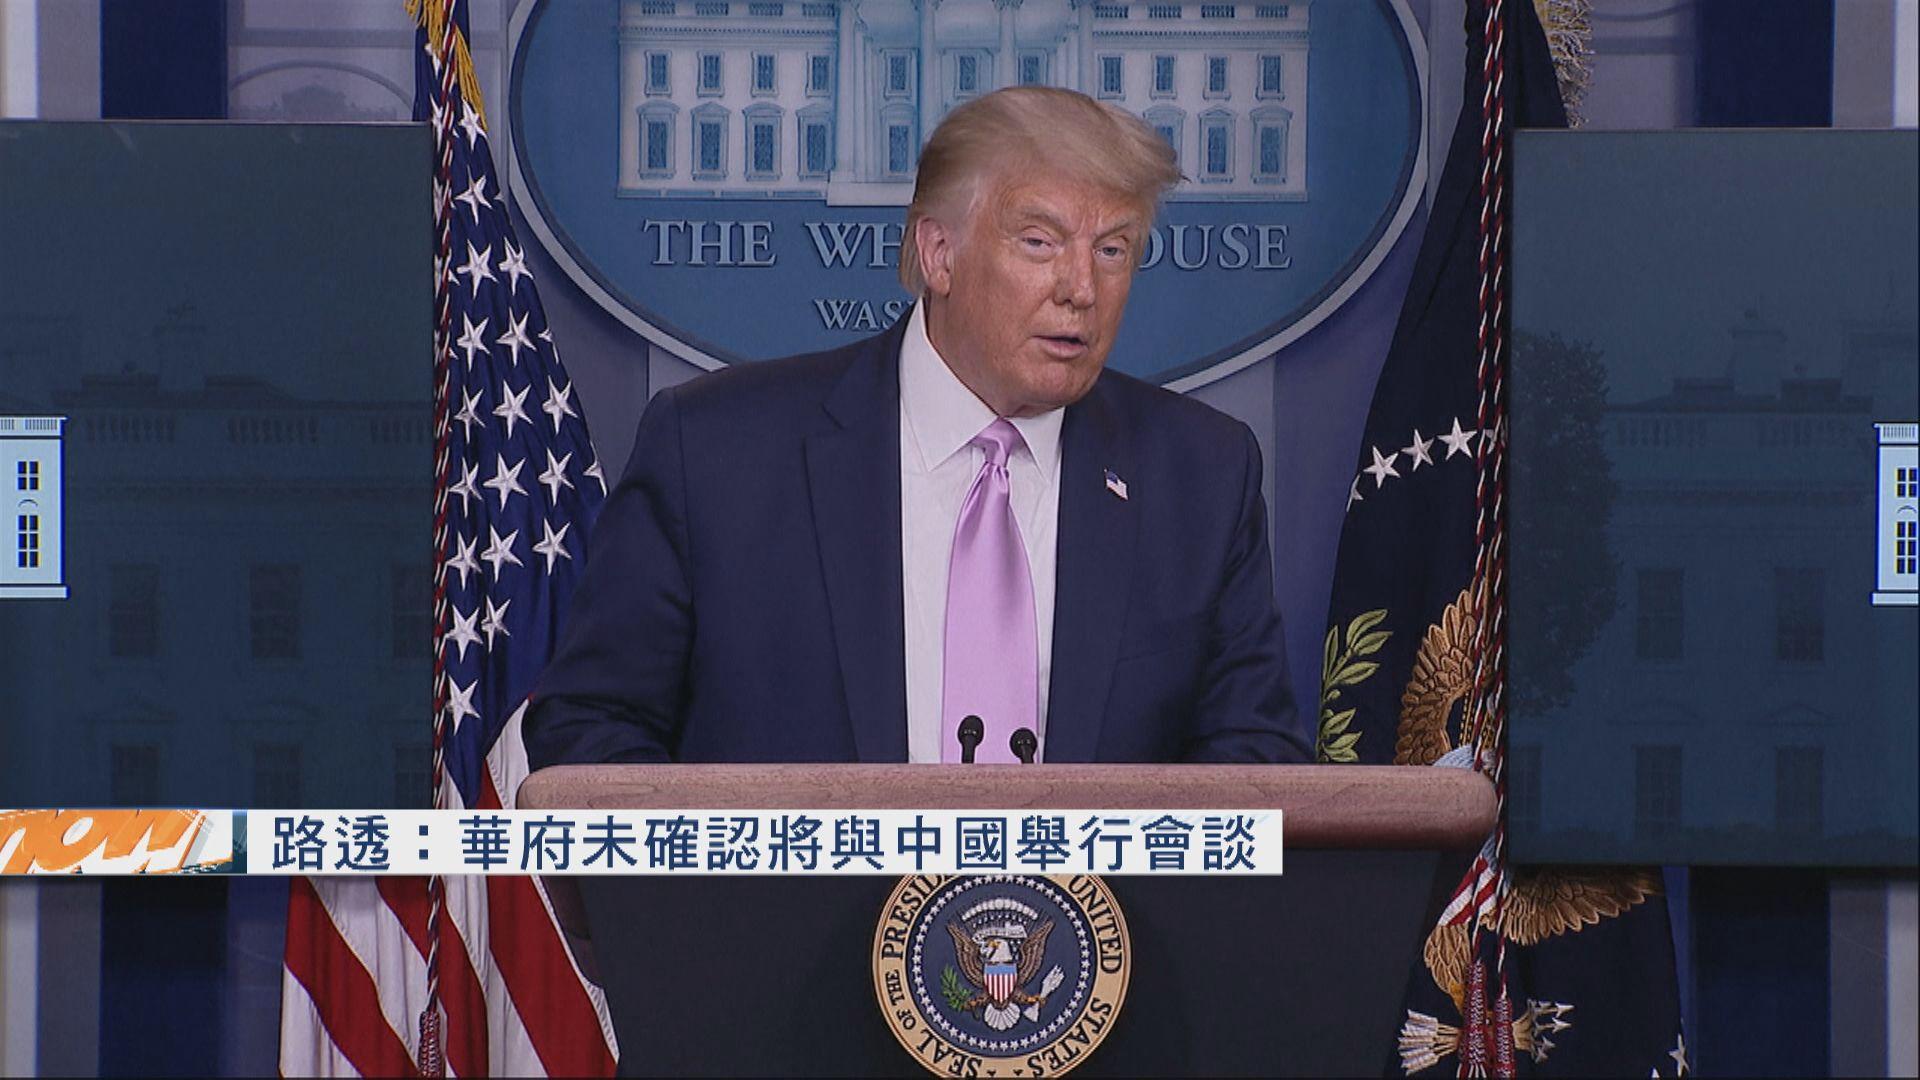 路透:華府未確認將與中國舉行會談